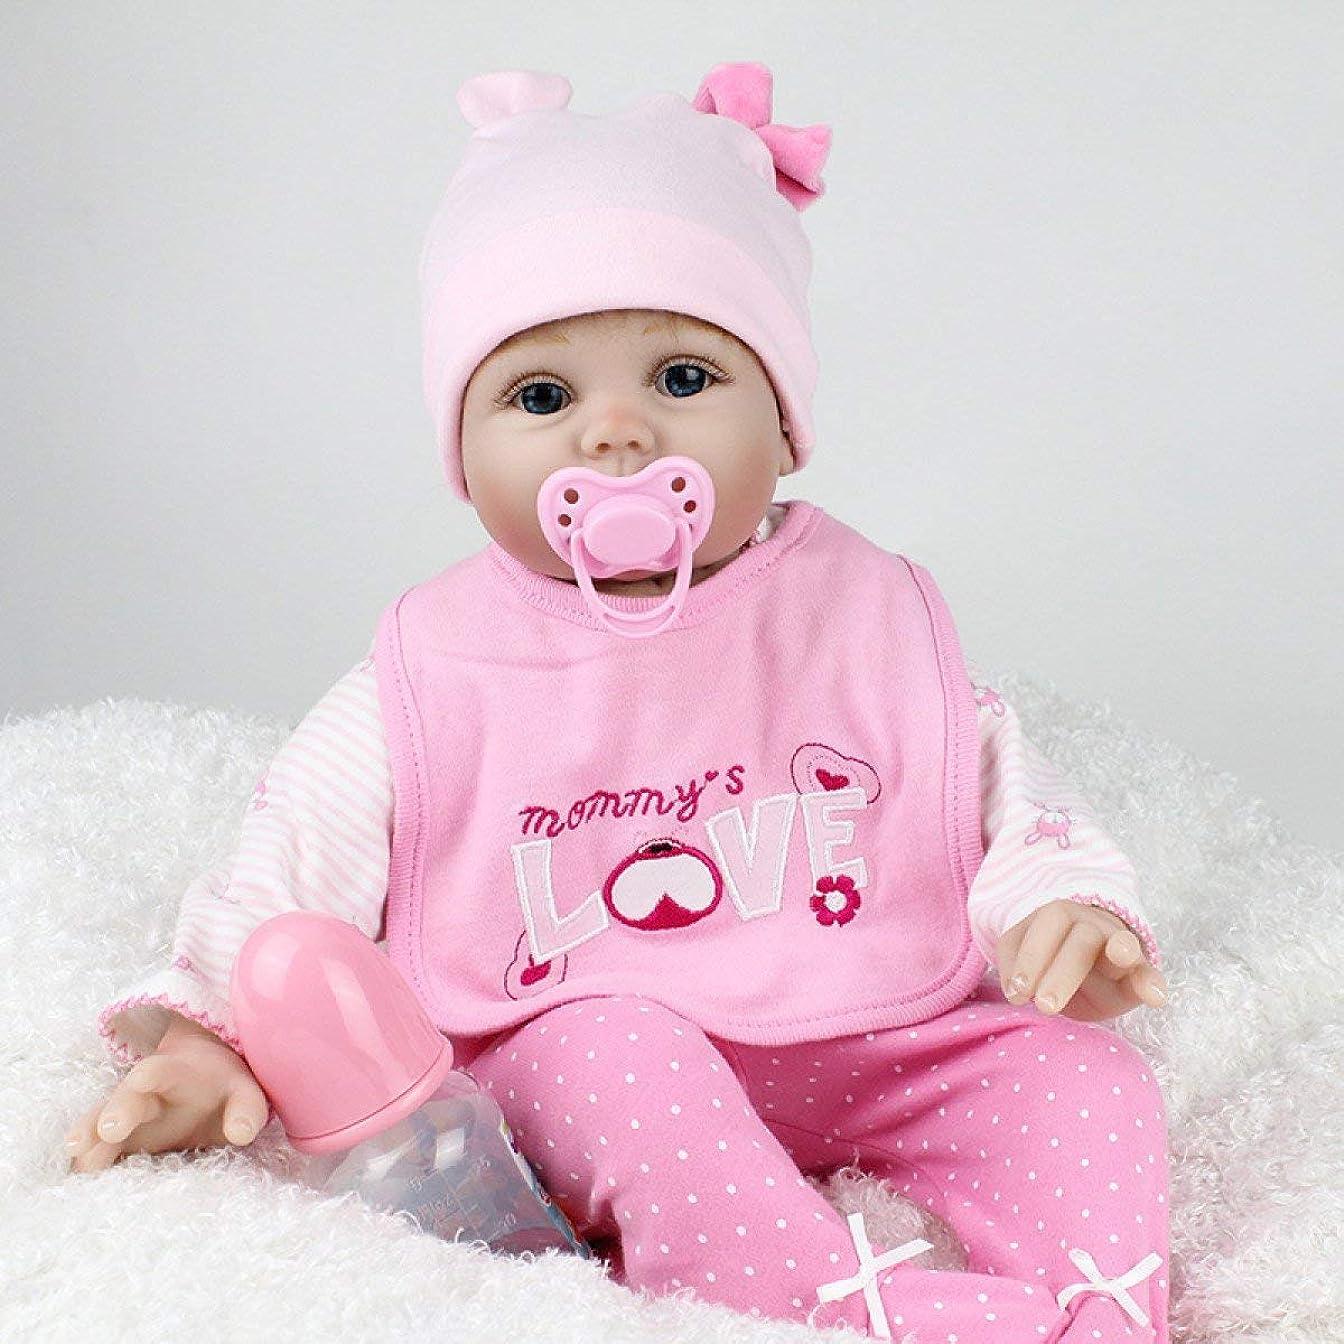 すり減る観客ことわざ生まれ変わった赤ちゃん人形生まれ変わった赤ちゃん人形リアルな手作りの生まれたばかりのシリコーンの赤ちゃん人形リアルなソフトシミュレーションの目開いている女の子お気に入りのギフト